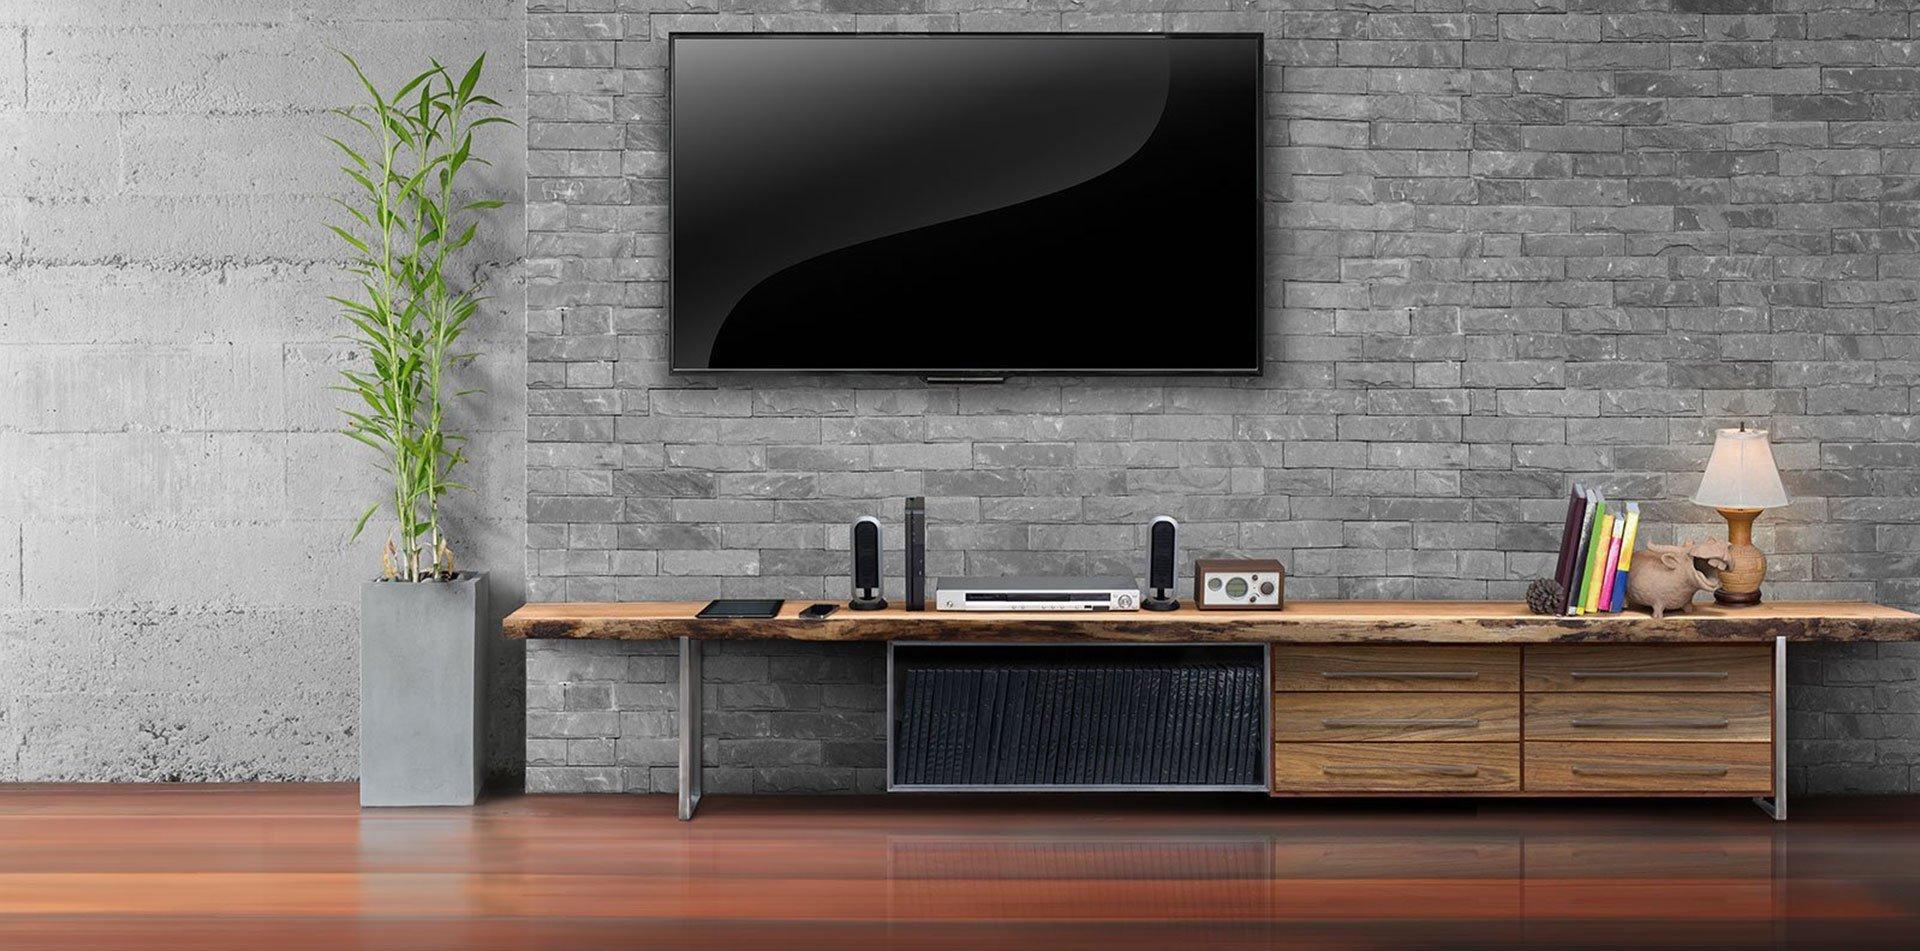 TV a muro e mobile in legno